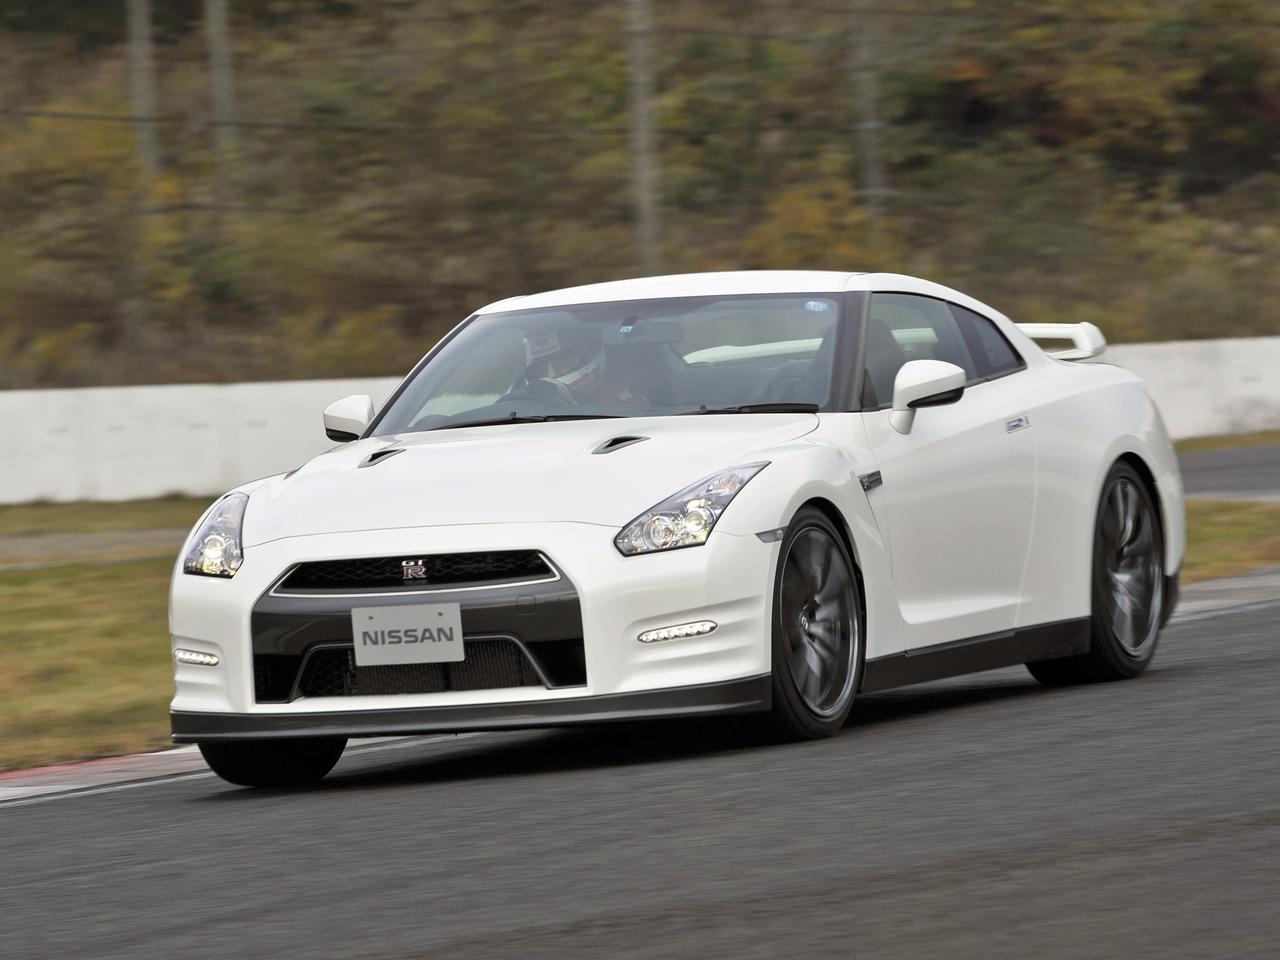 【試乗】日産 GT-Rが2011年モデルで手に入れた「テールを破綻させない」基本性能【10年ひと昔の新車】